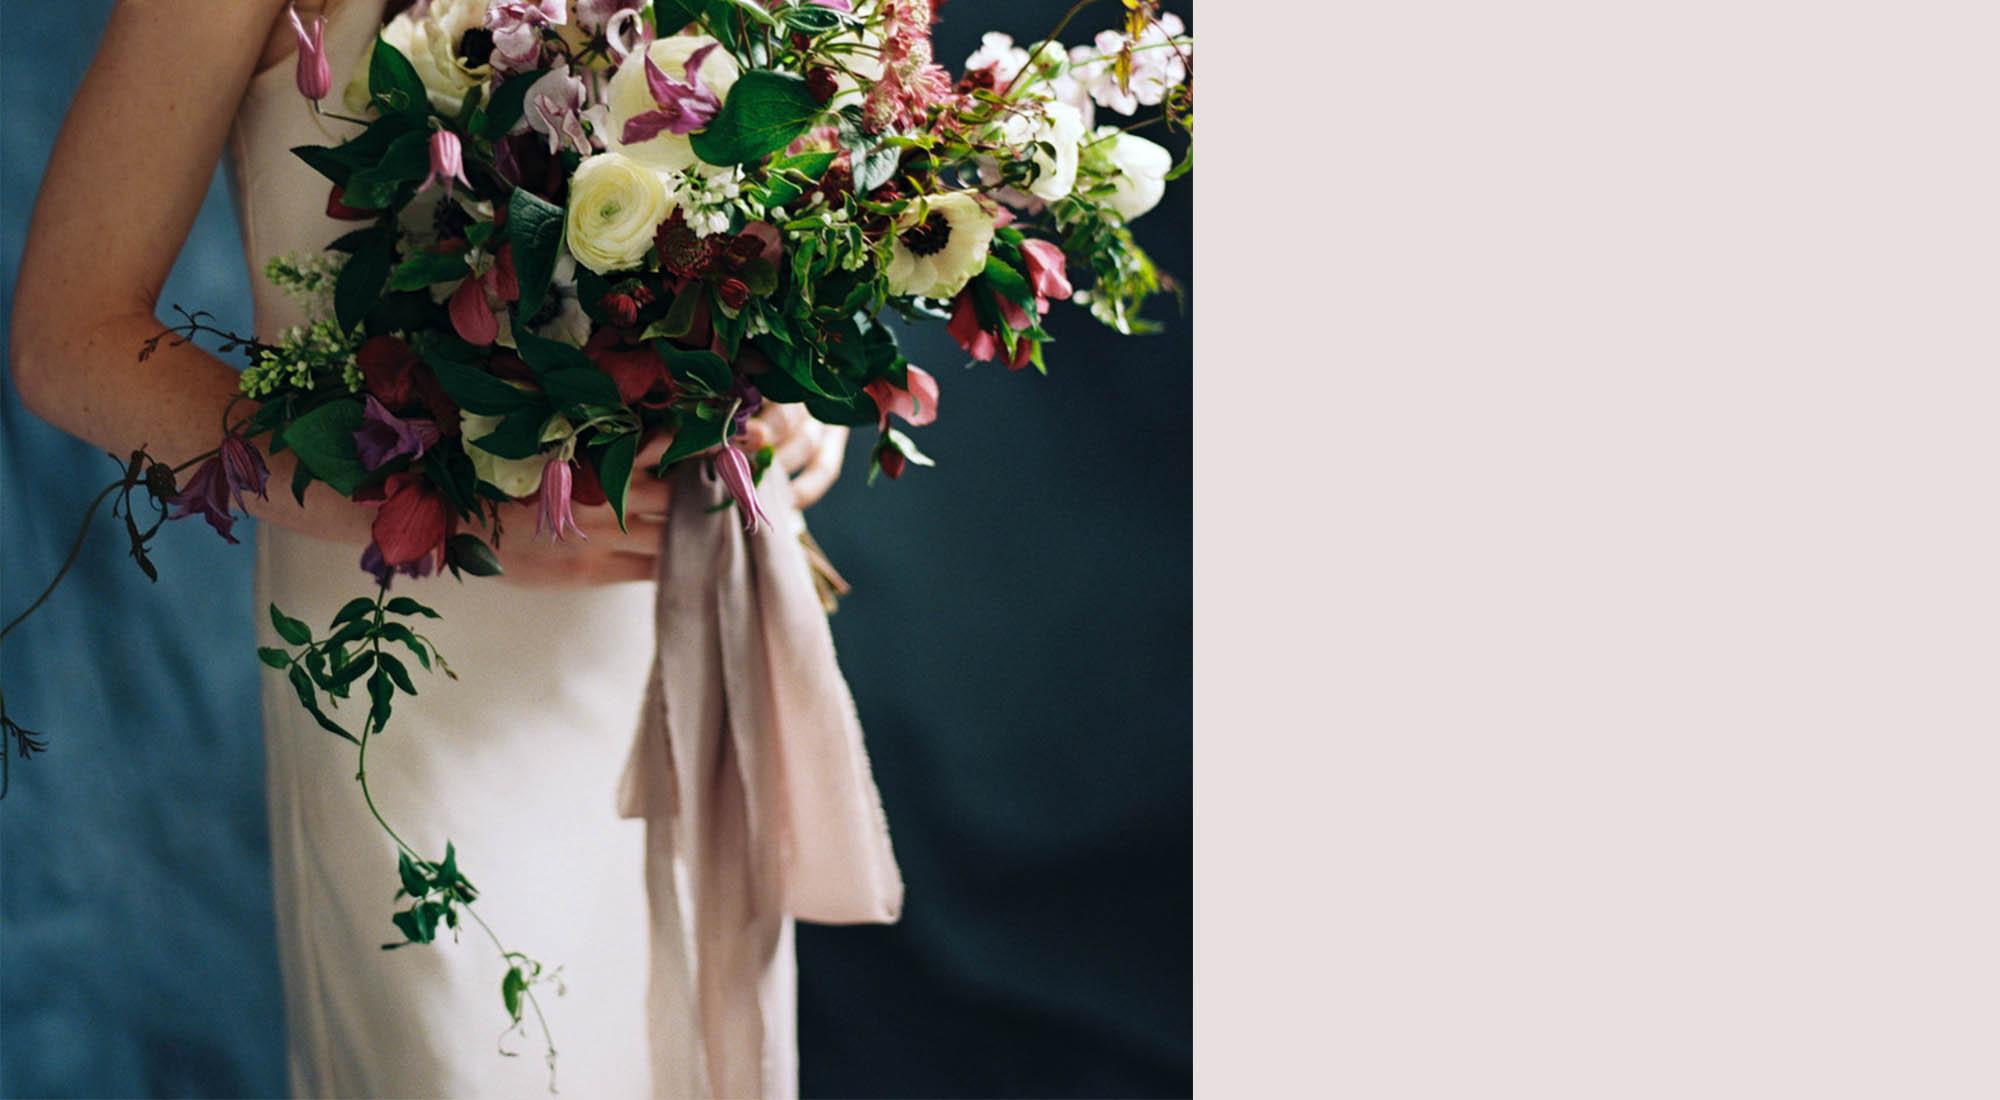 Chiffon Ribbon wedding bouquet rose color palette